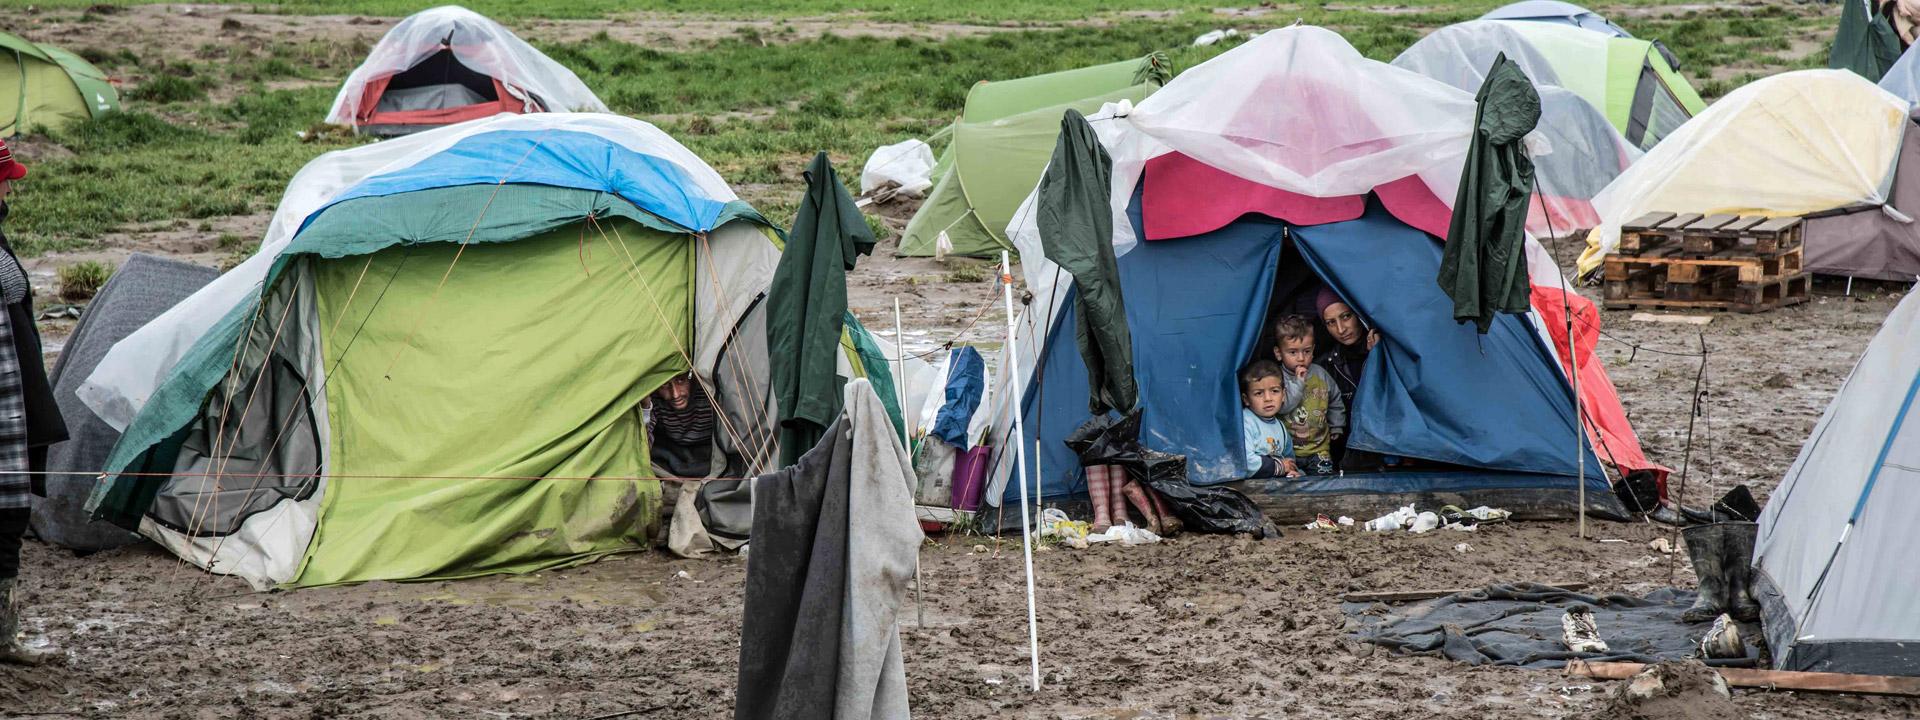 Foto: Flüchtlinge schauen in den Schlamm vor ihren Zelten.